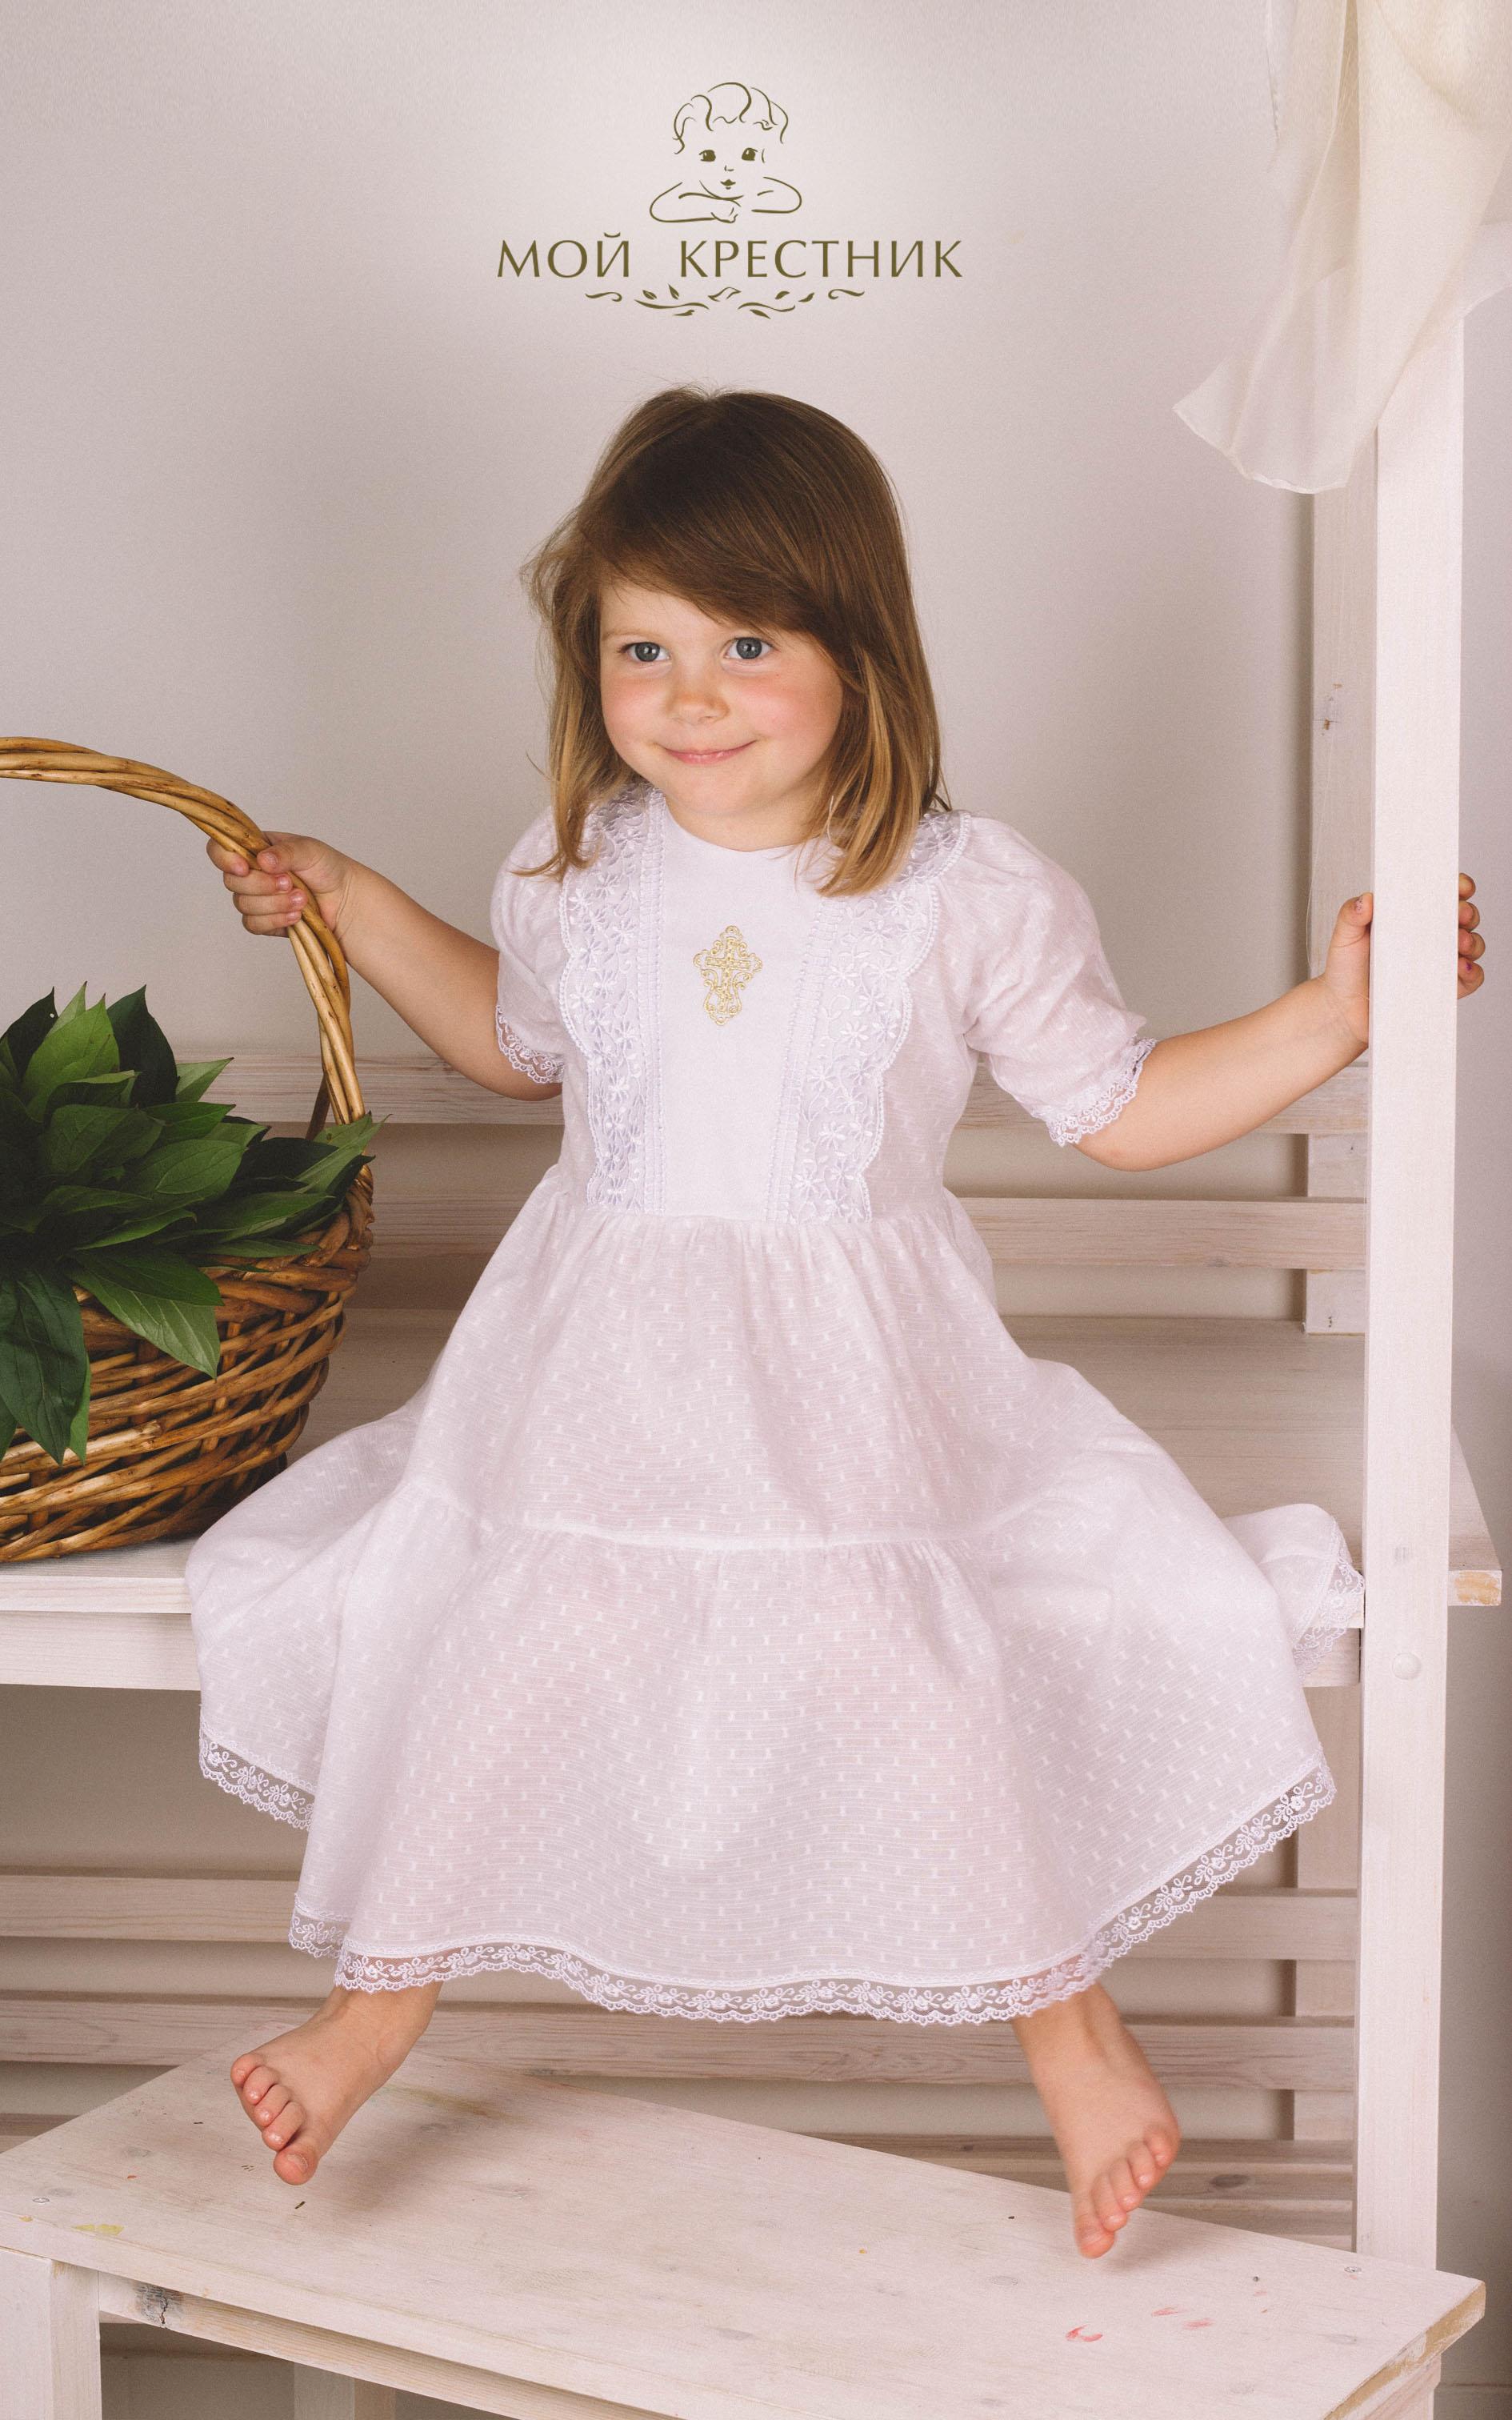 Логотип для крестильной одежды(детской). фото f_4725d4d97d6b21c6.jpg